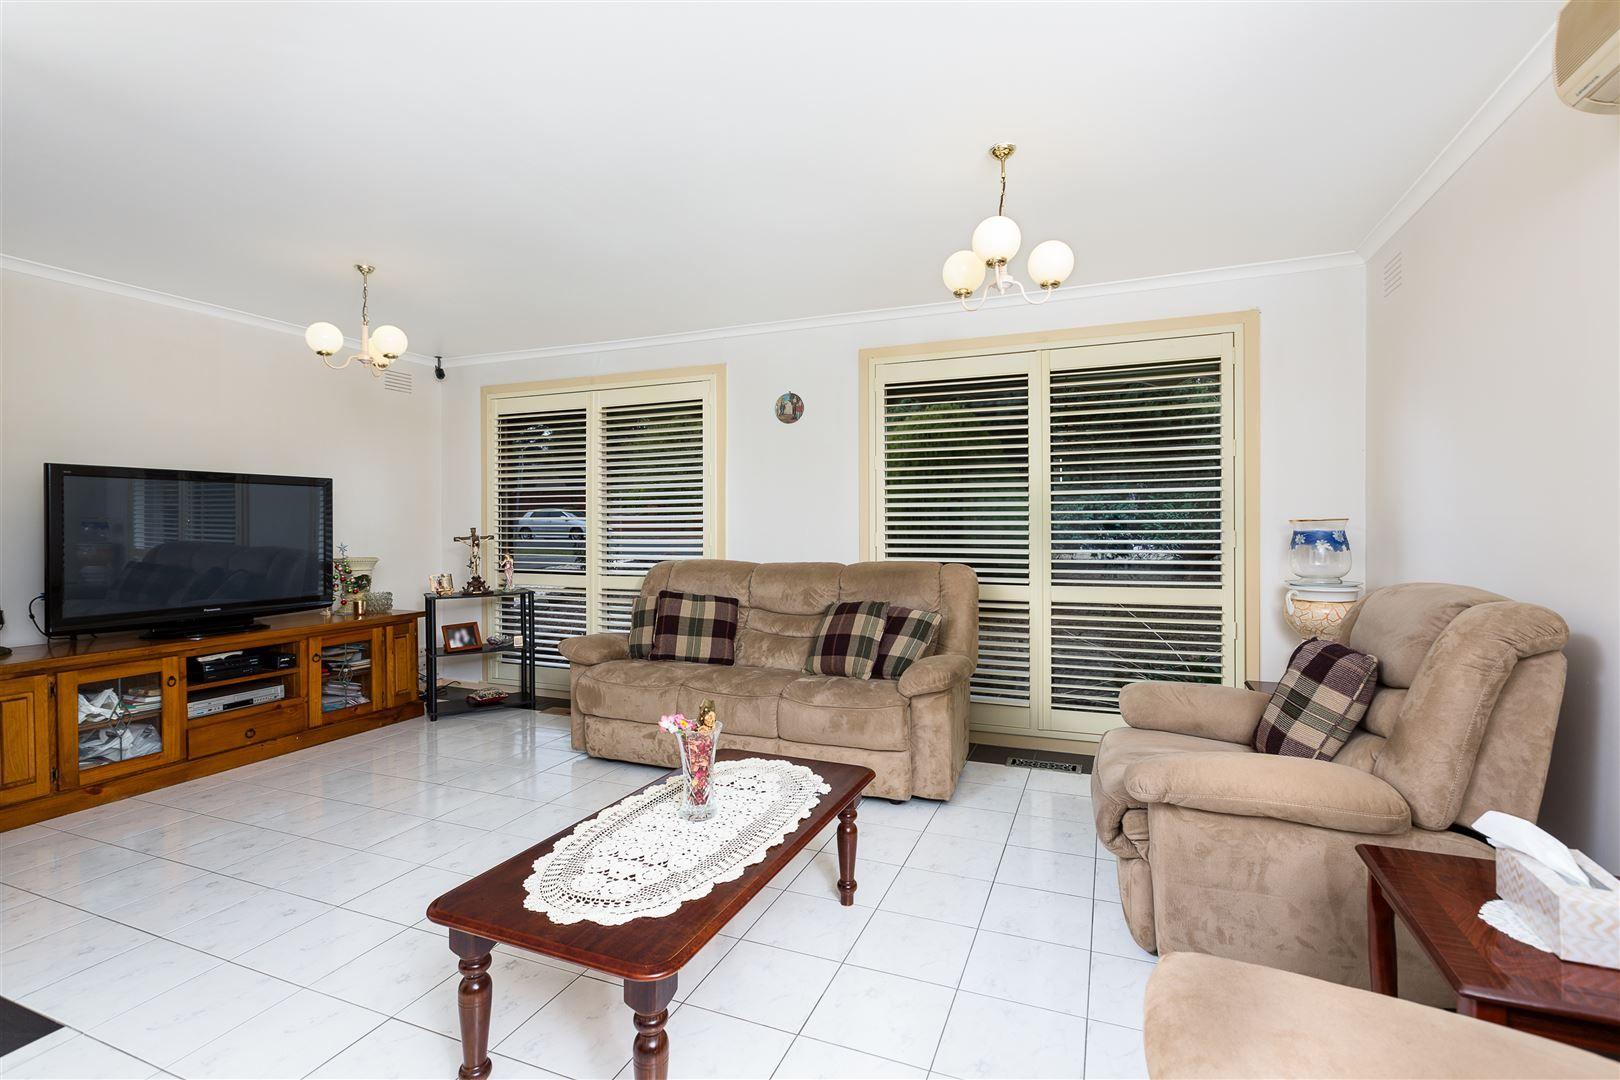 59 Sydney Parkinson Avenue, Endeavour Hills VIC 3802, Image 2